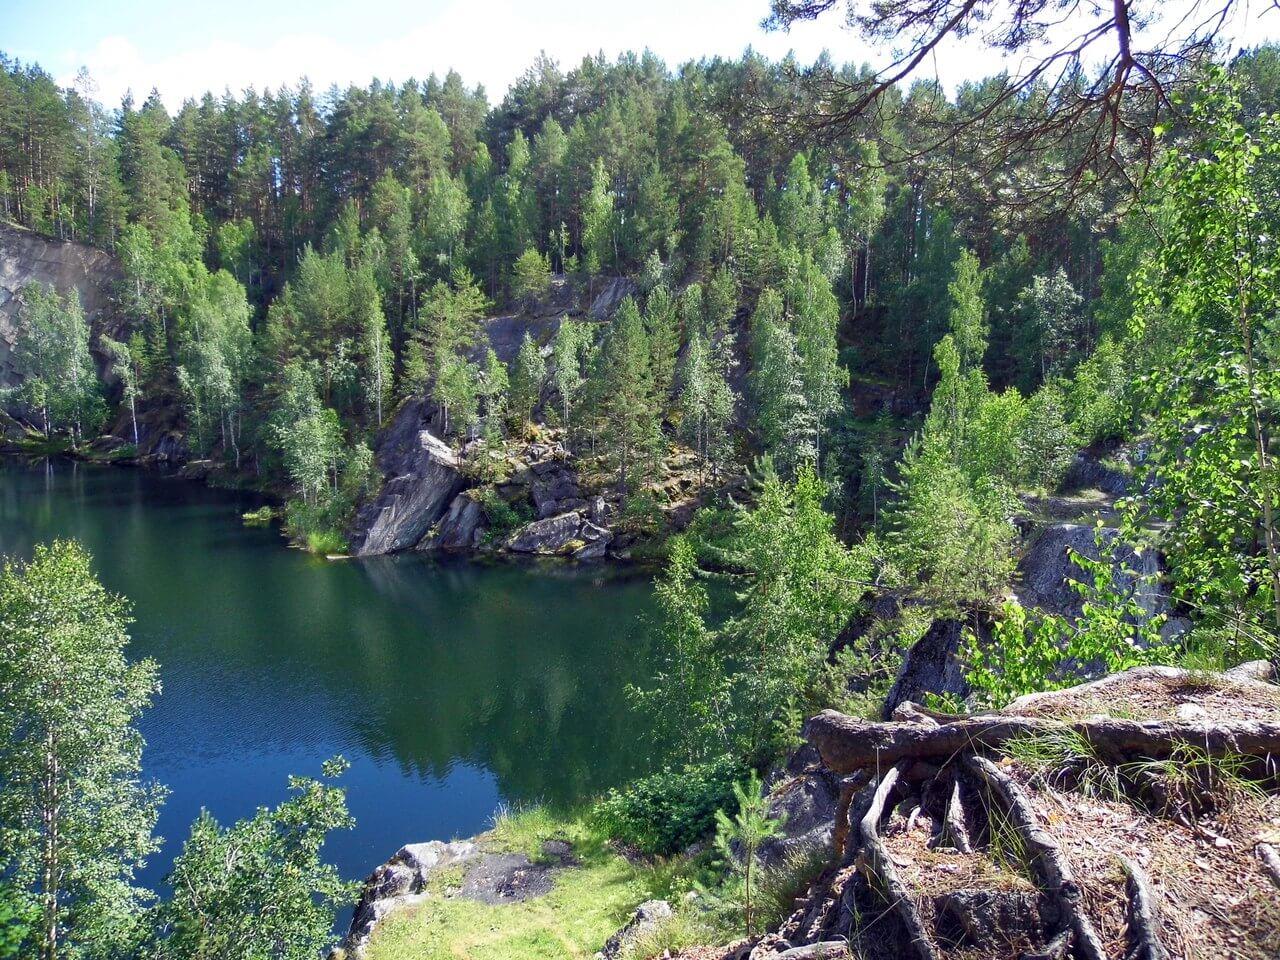 Озеро Тальков Камень, Бажовские места, Свердловская область, Средний Урал